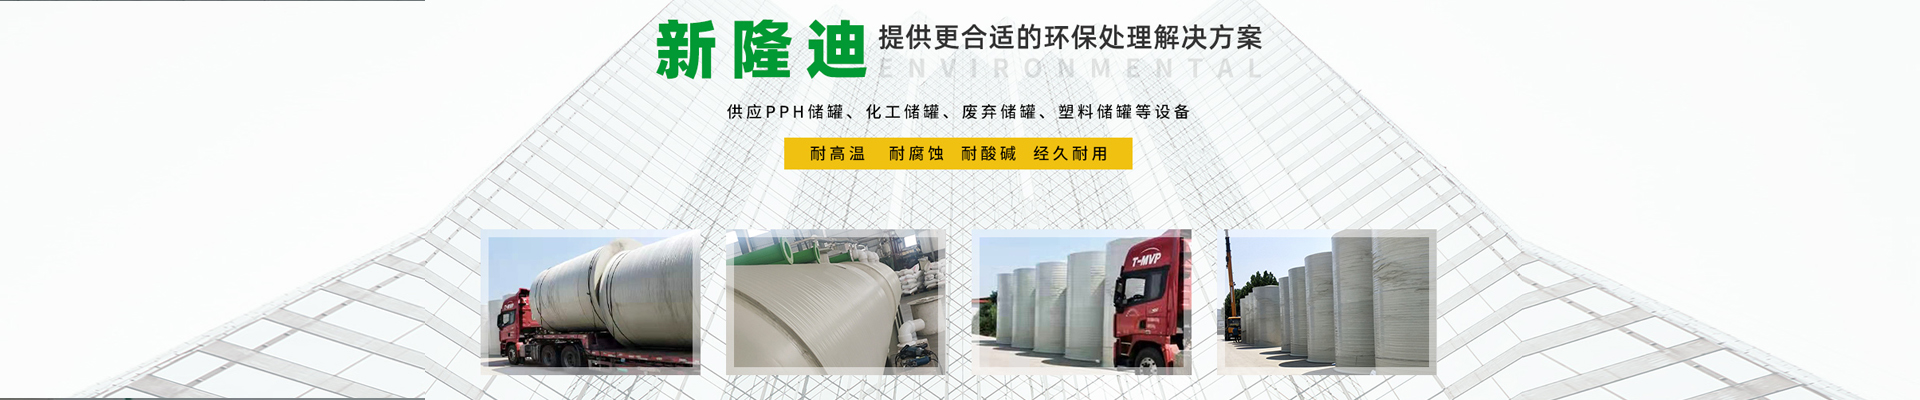 淄博新隆迪环保科技nba山猫直播在线观看公司介绍